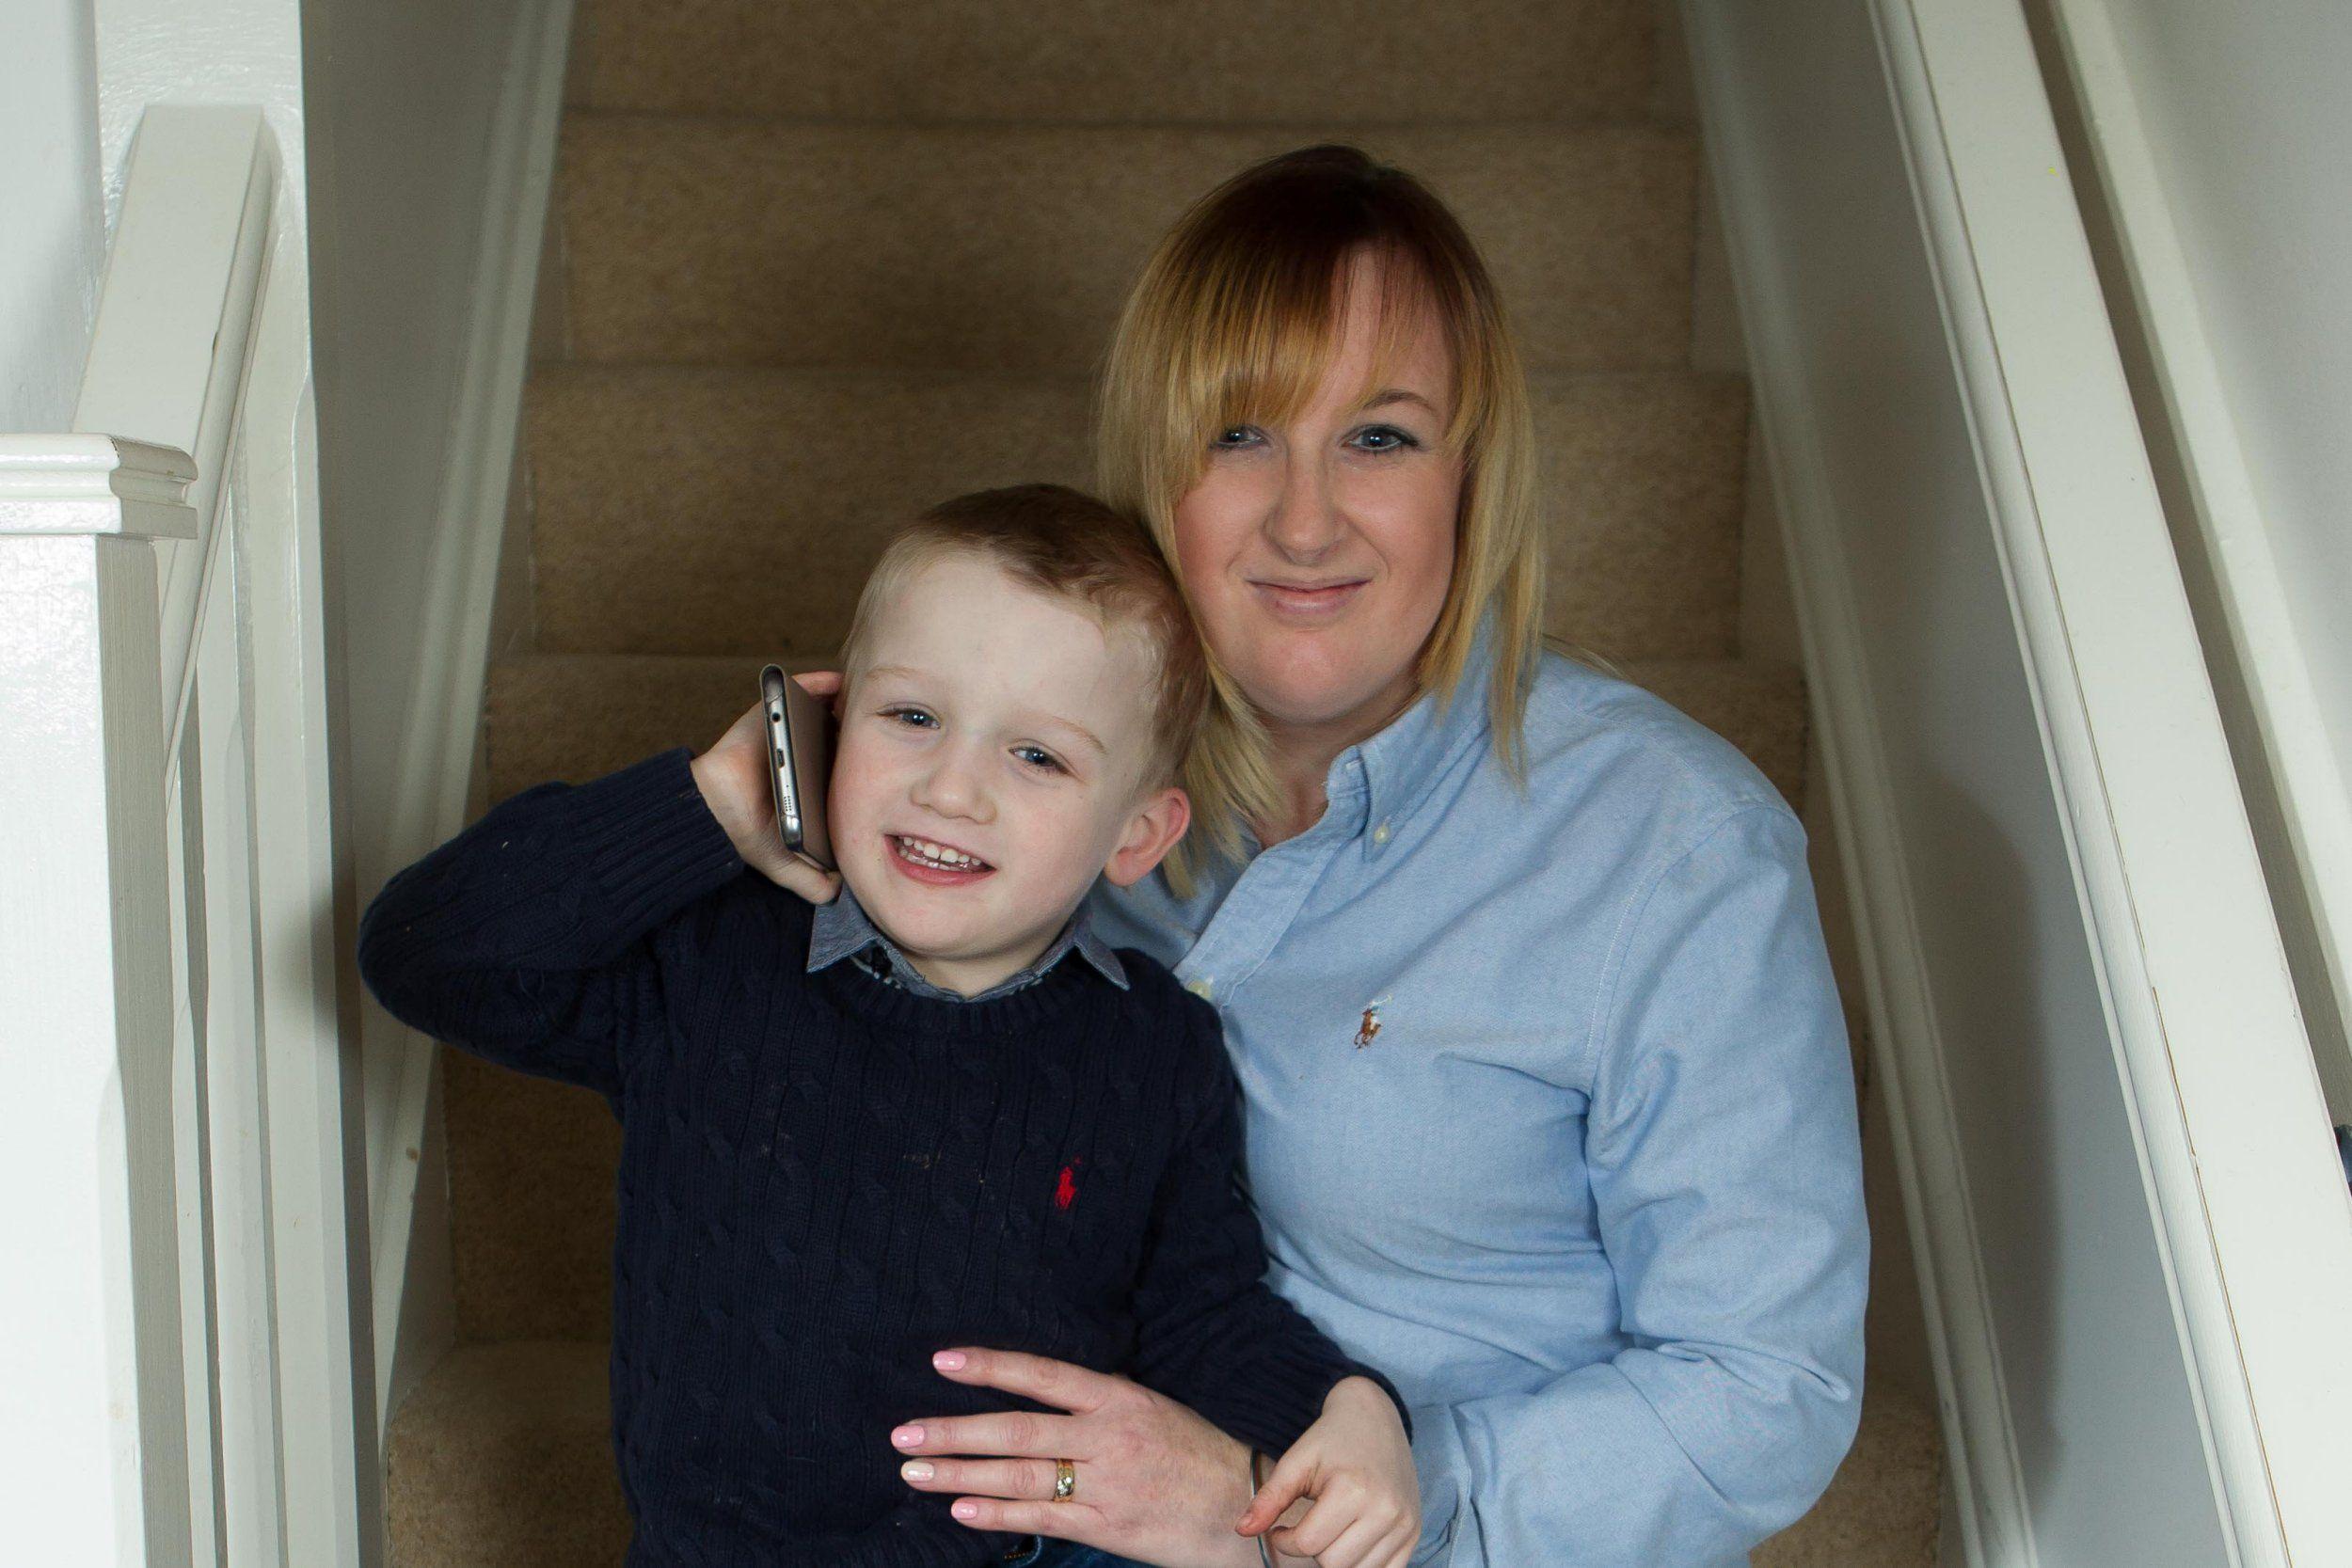 كيف أنقذ طفلٌ في الرابعة والدته بعد أن فقدت الوعي؟